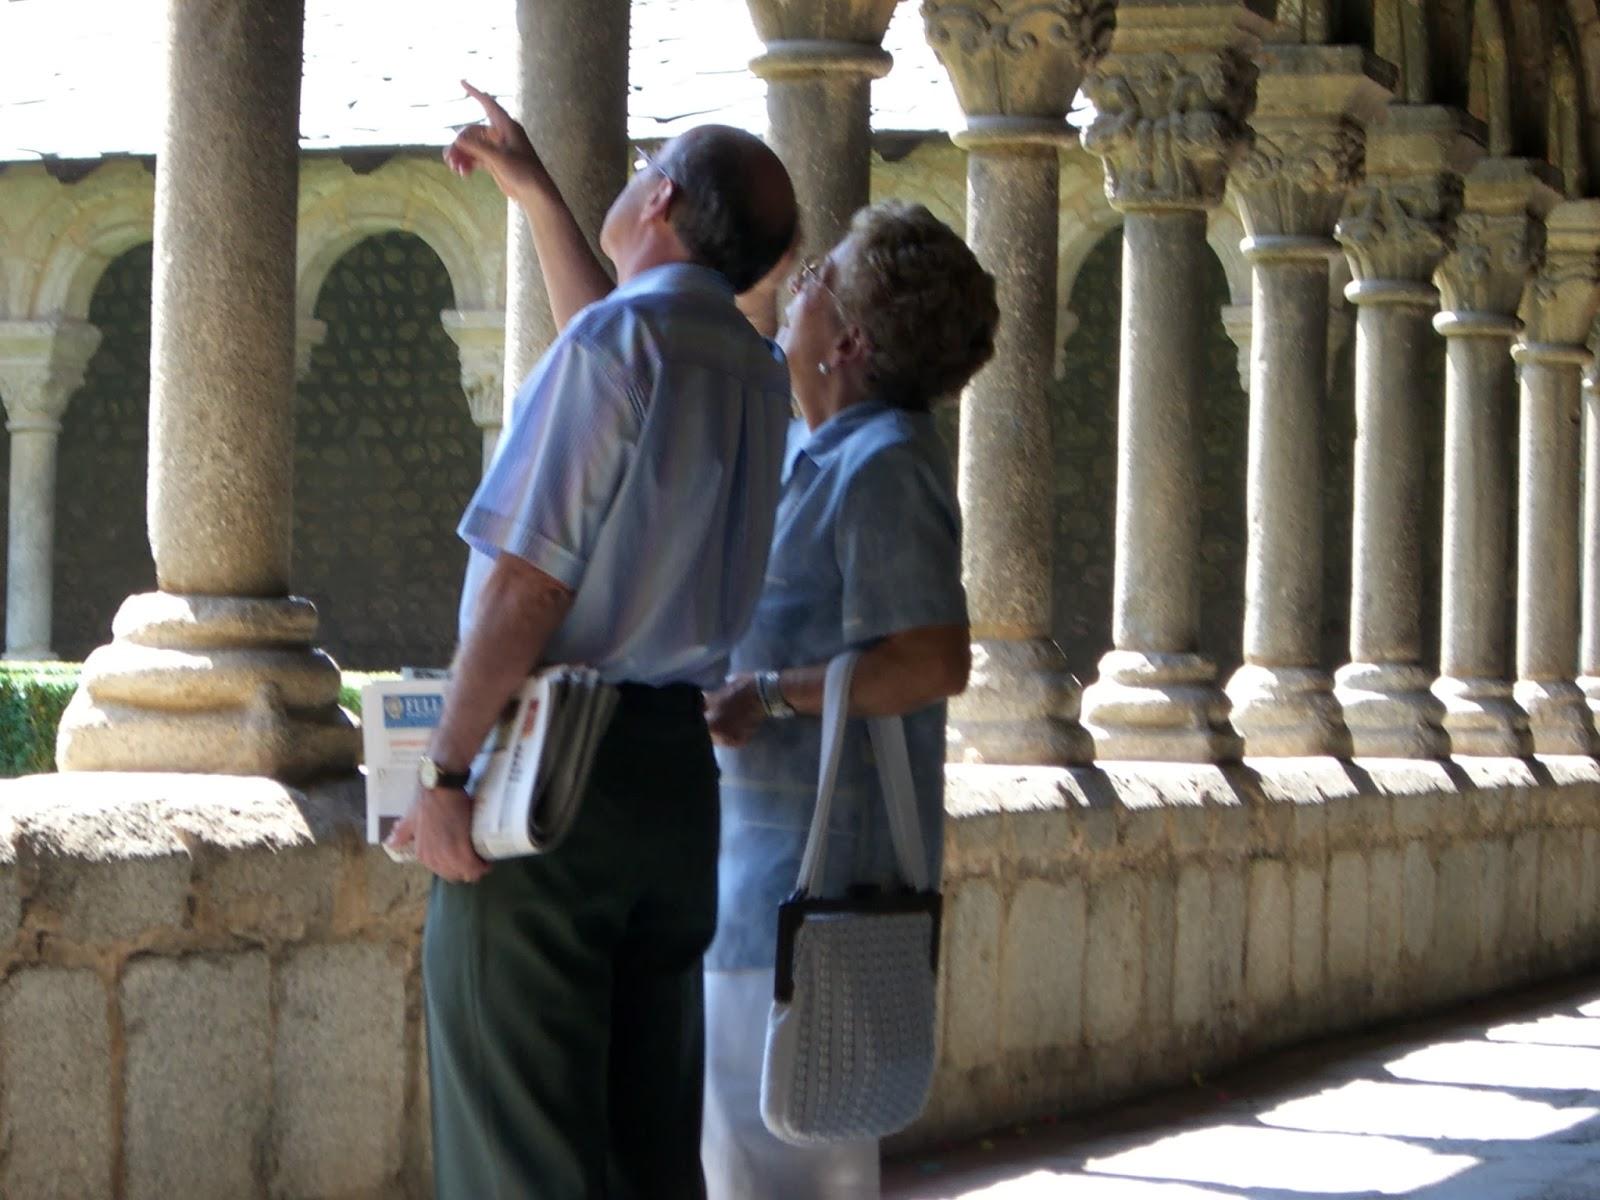 Claustre de la Catedral de la Seu d'Urgell per Teresa Grau Ros